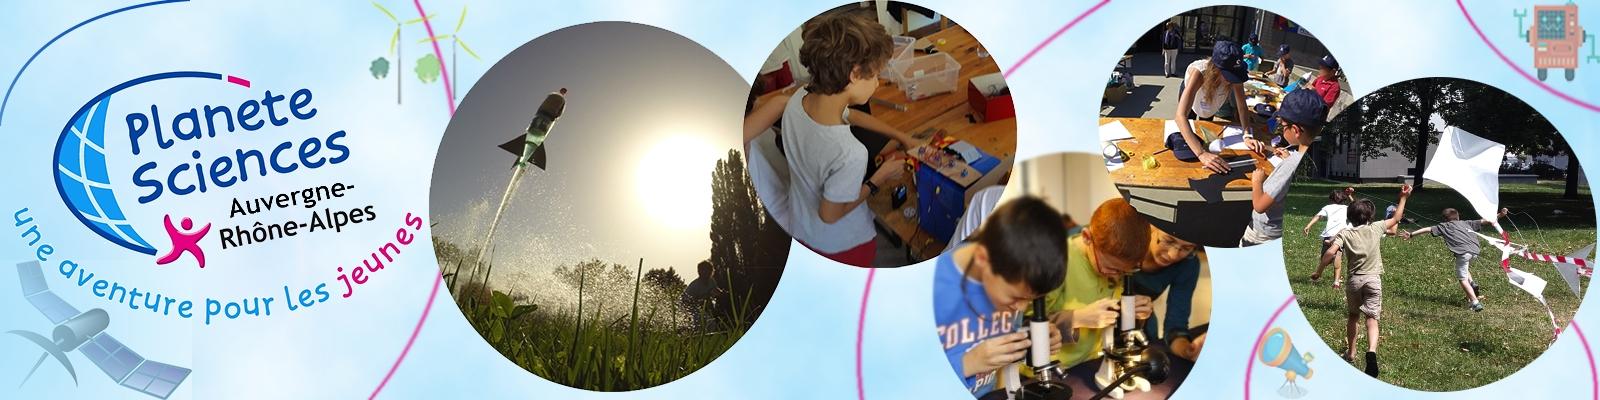 Planète Sciences Auvergne-Rhône-Alpes